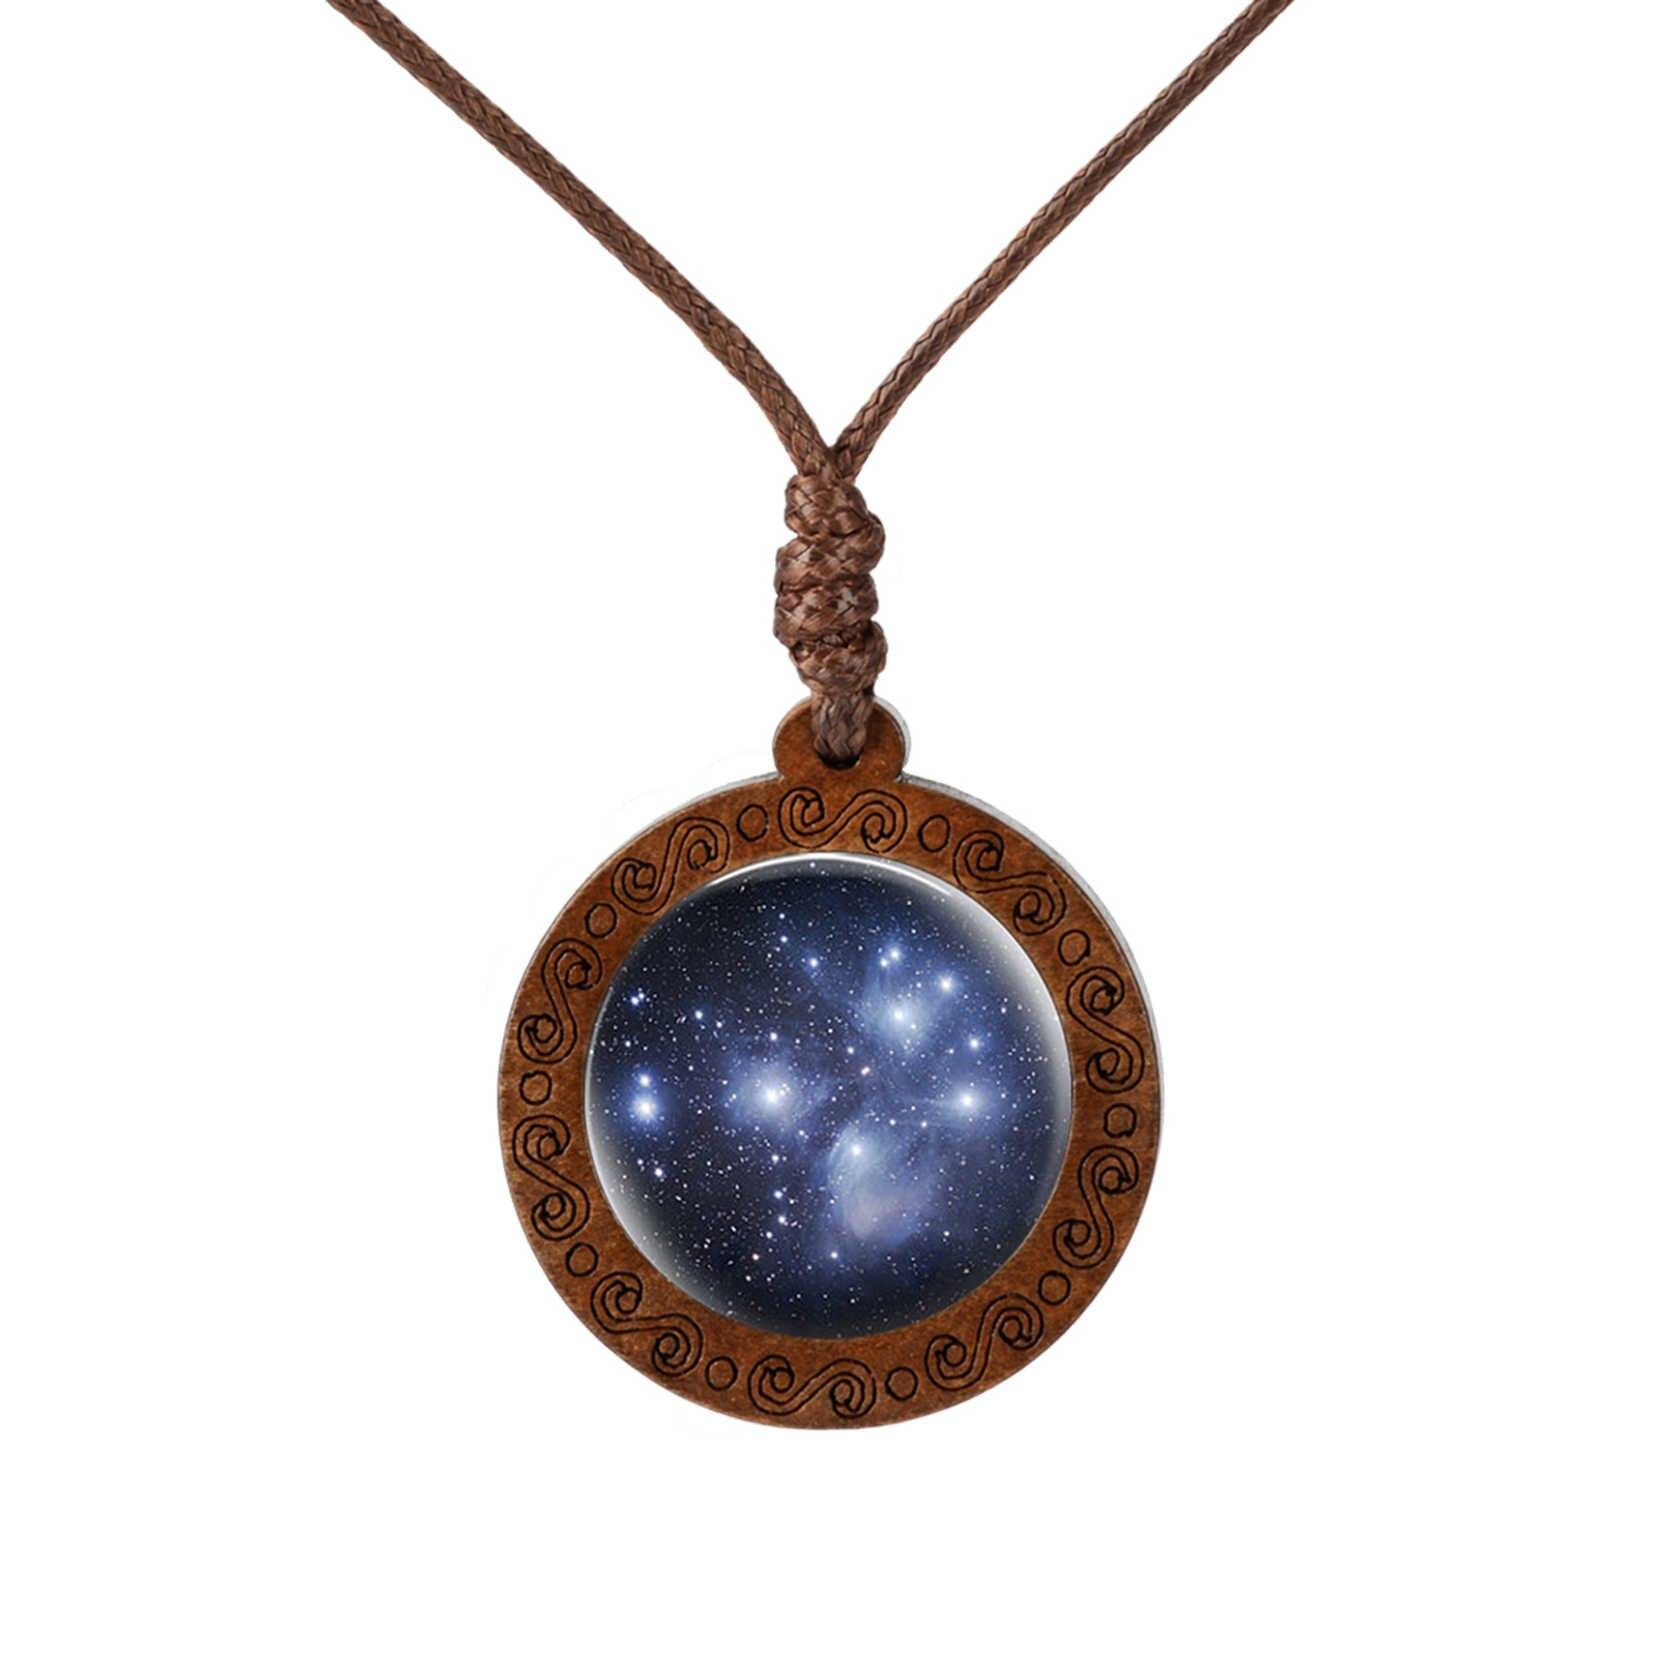 Phong Cách Mới Galaxy Tinh Vân Cổ Không Gian Trái Đất Kính Cabochon Gỗ Mặt Dây Chuyền Vòng Cổ Trang Sức Dành Cho Nữ Người Bạn Thân Nhất Quà Tặng